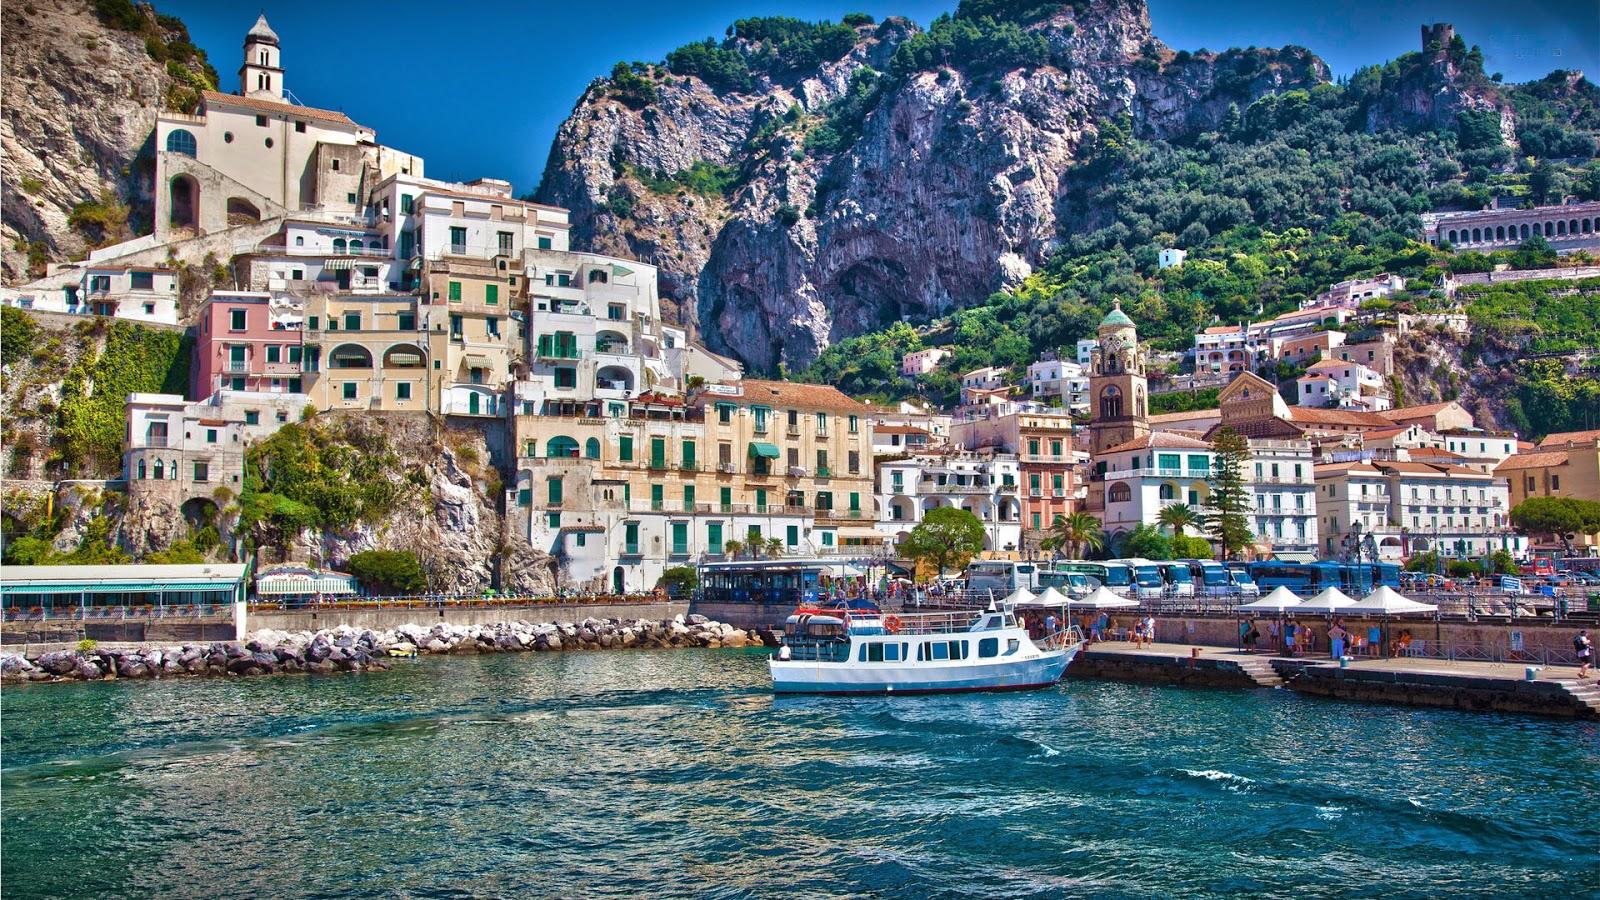 italia fotos e historias by patzy amalfi ForItalia Amalfi